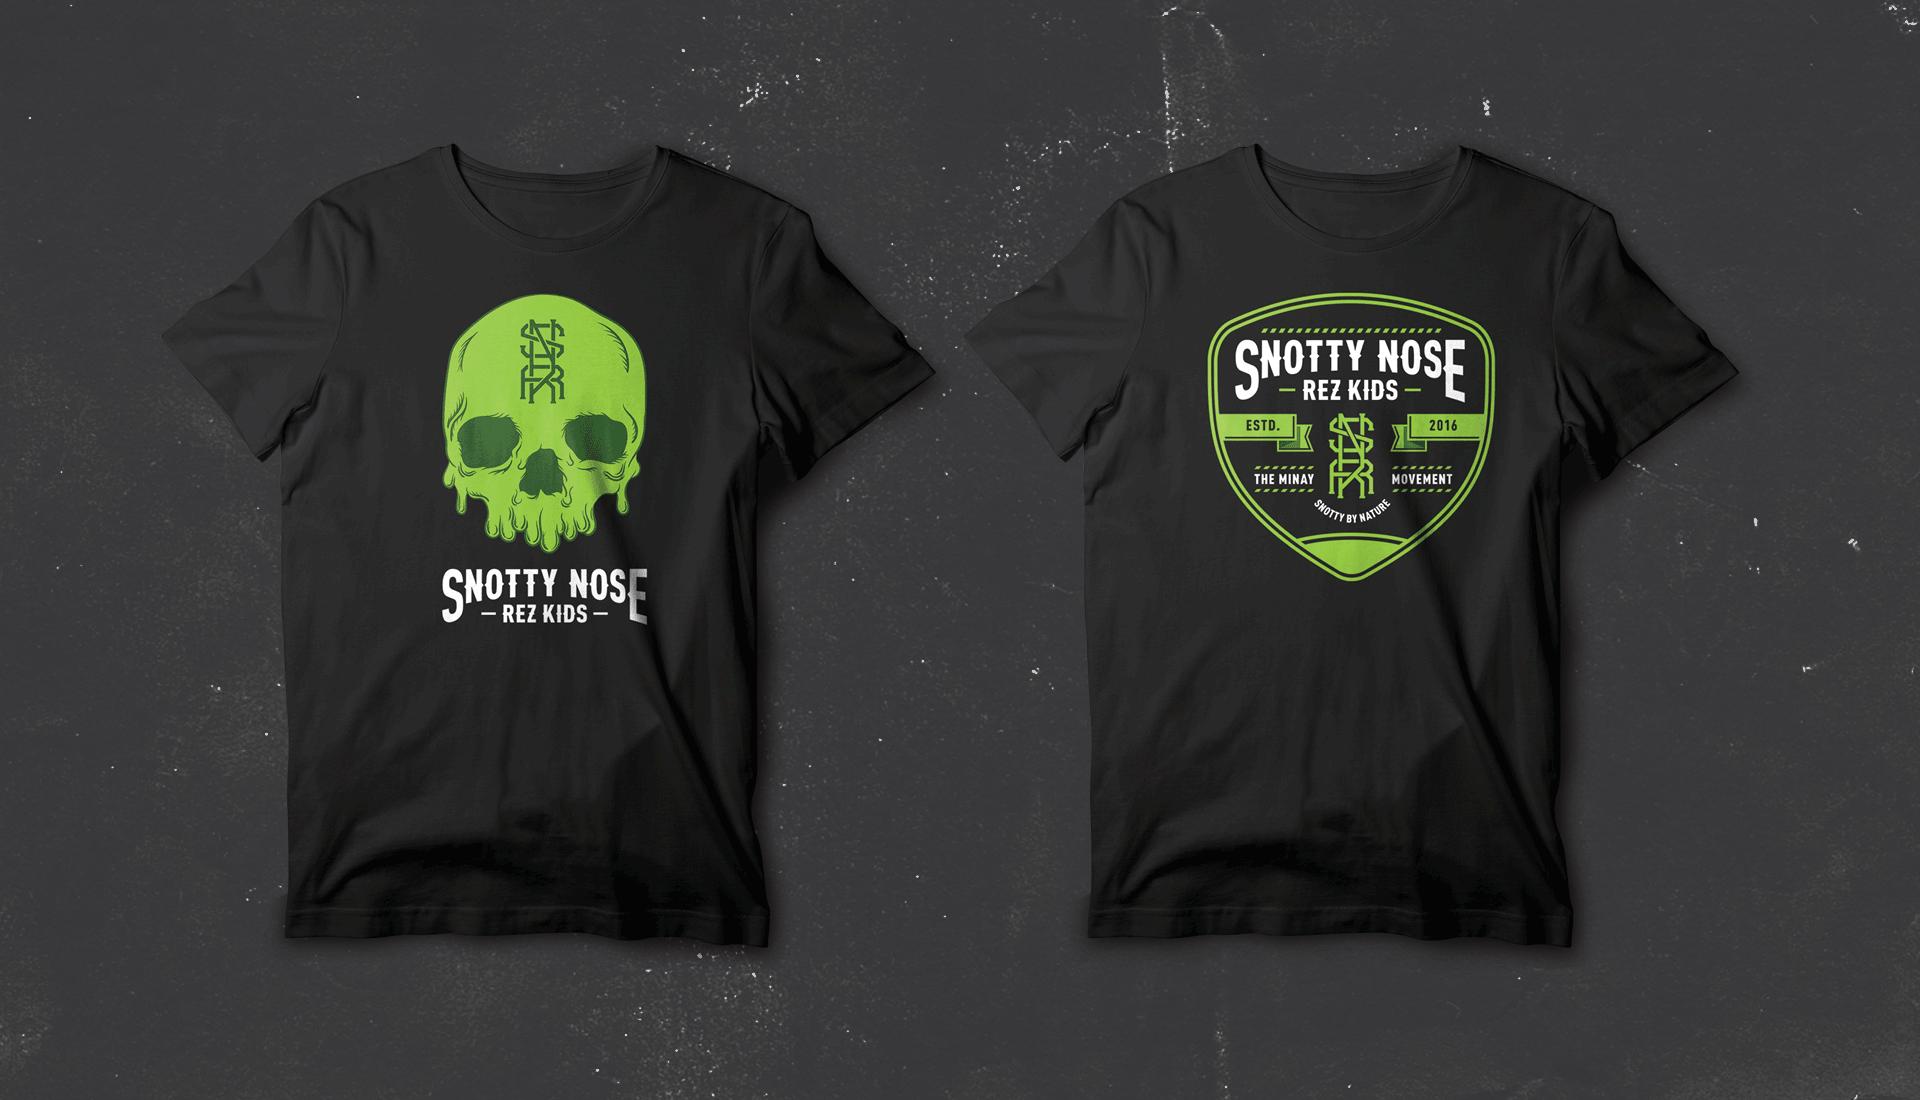 Snotty Nose Rez Kids | T-shirt Merch Design 2 and 3